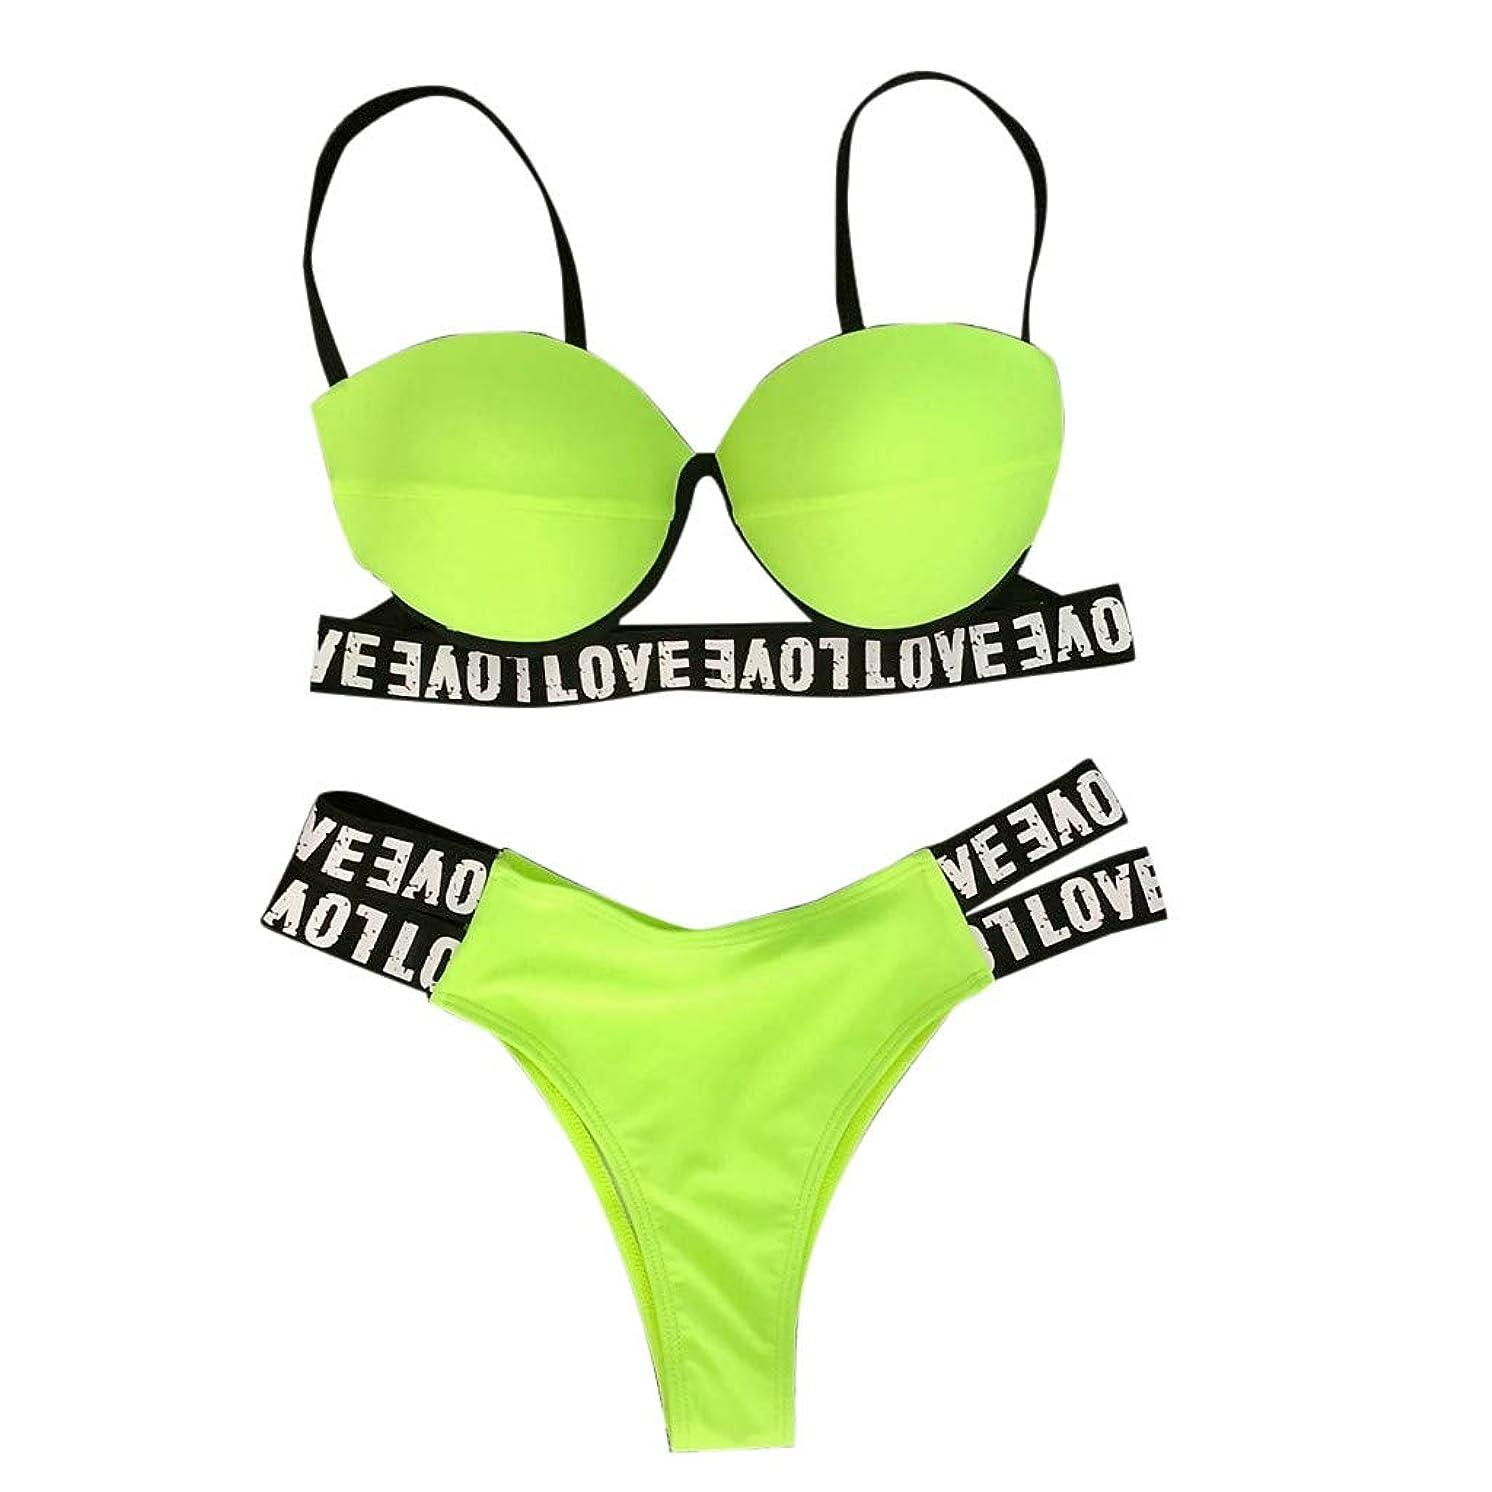 Women Sexy Fashion Letter Printing Push-Up Padded Bra Beach Bikini Set Swimsuit